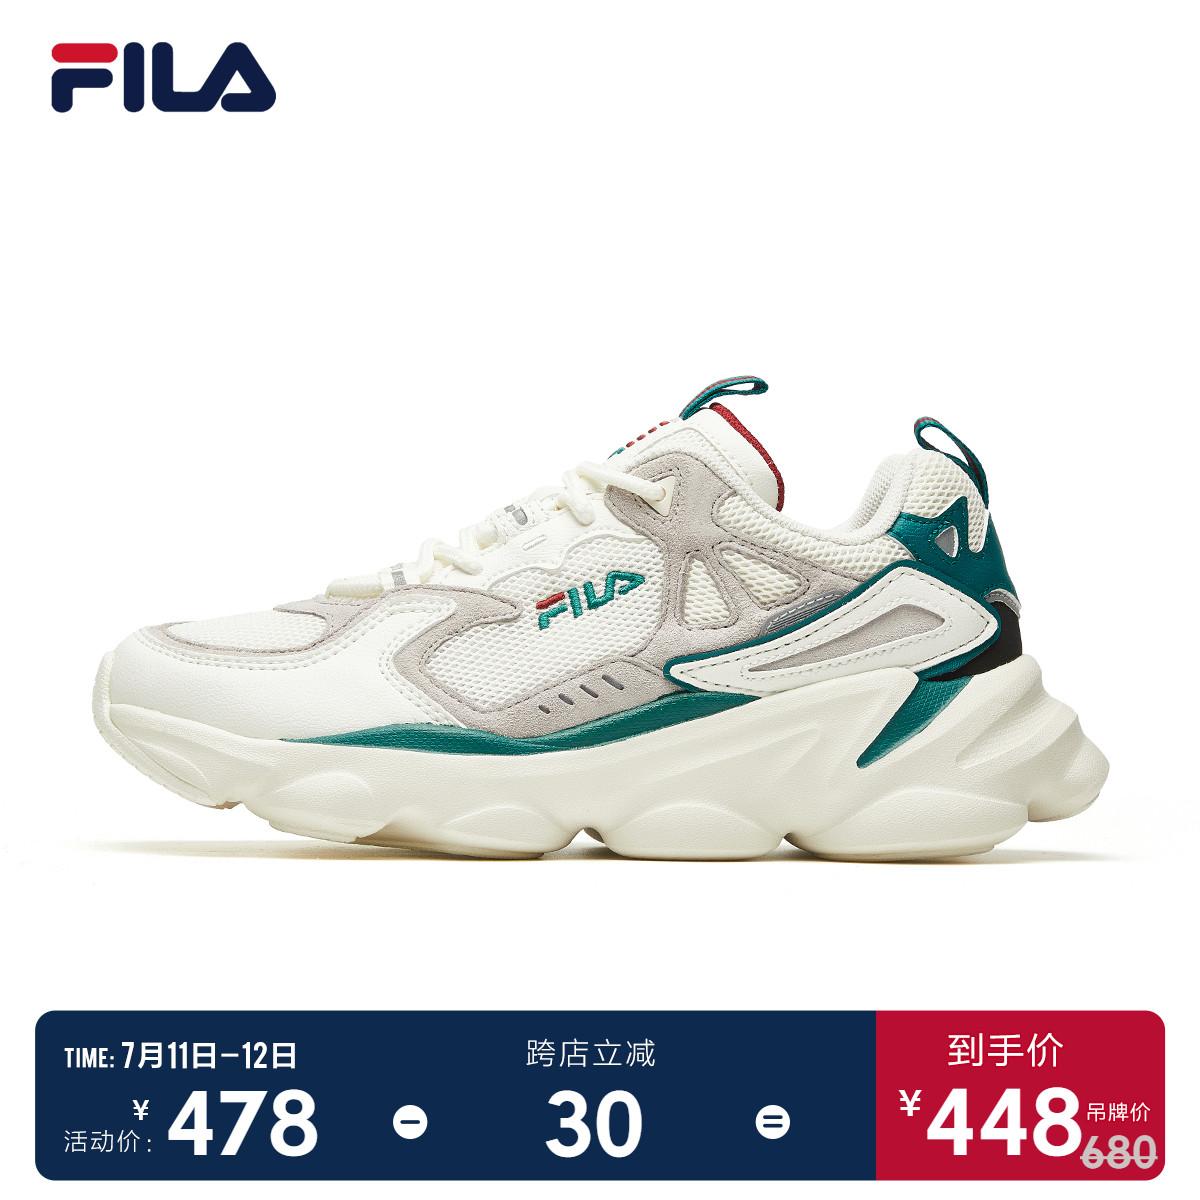 FILA斐乐官方女鞋男鞋2020夏季情侣跑步鞋老爹鞋网面透气运动鞋女